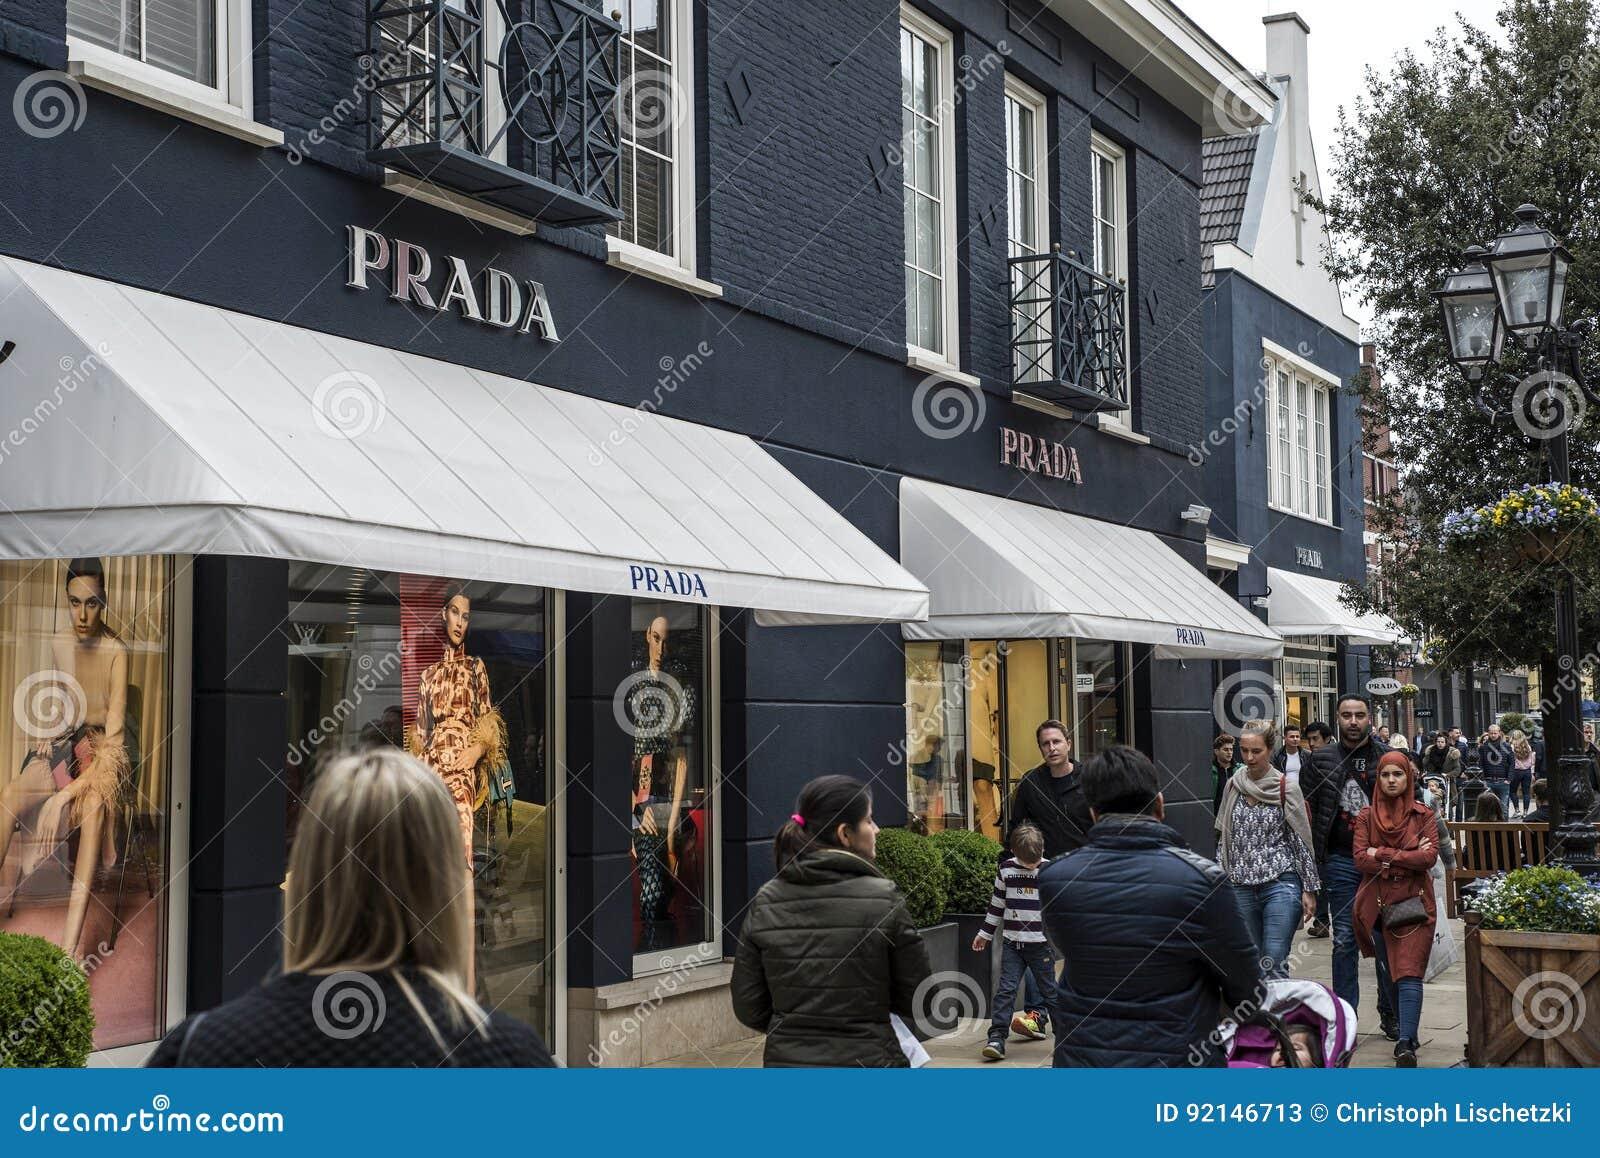 ade8dff8540c9 Roermond die Niederlande 07 05 2017 - Logo des Prada-Luxusladens im  Einkaufsviertel Mc Arthur Glen Designer Outlet